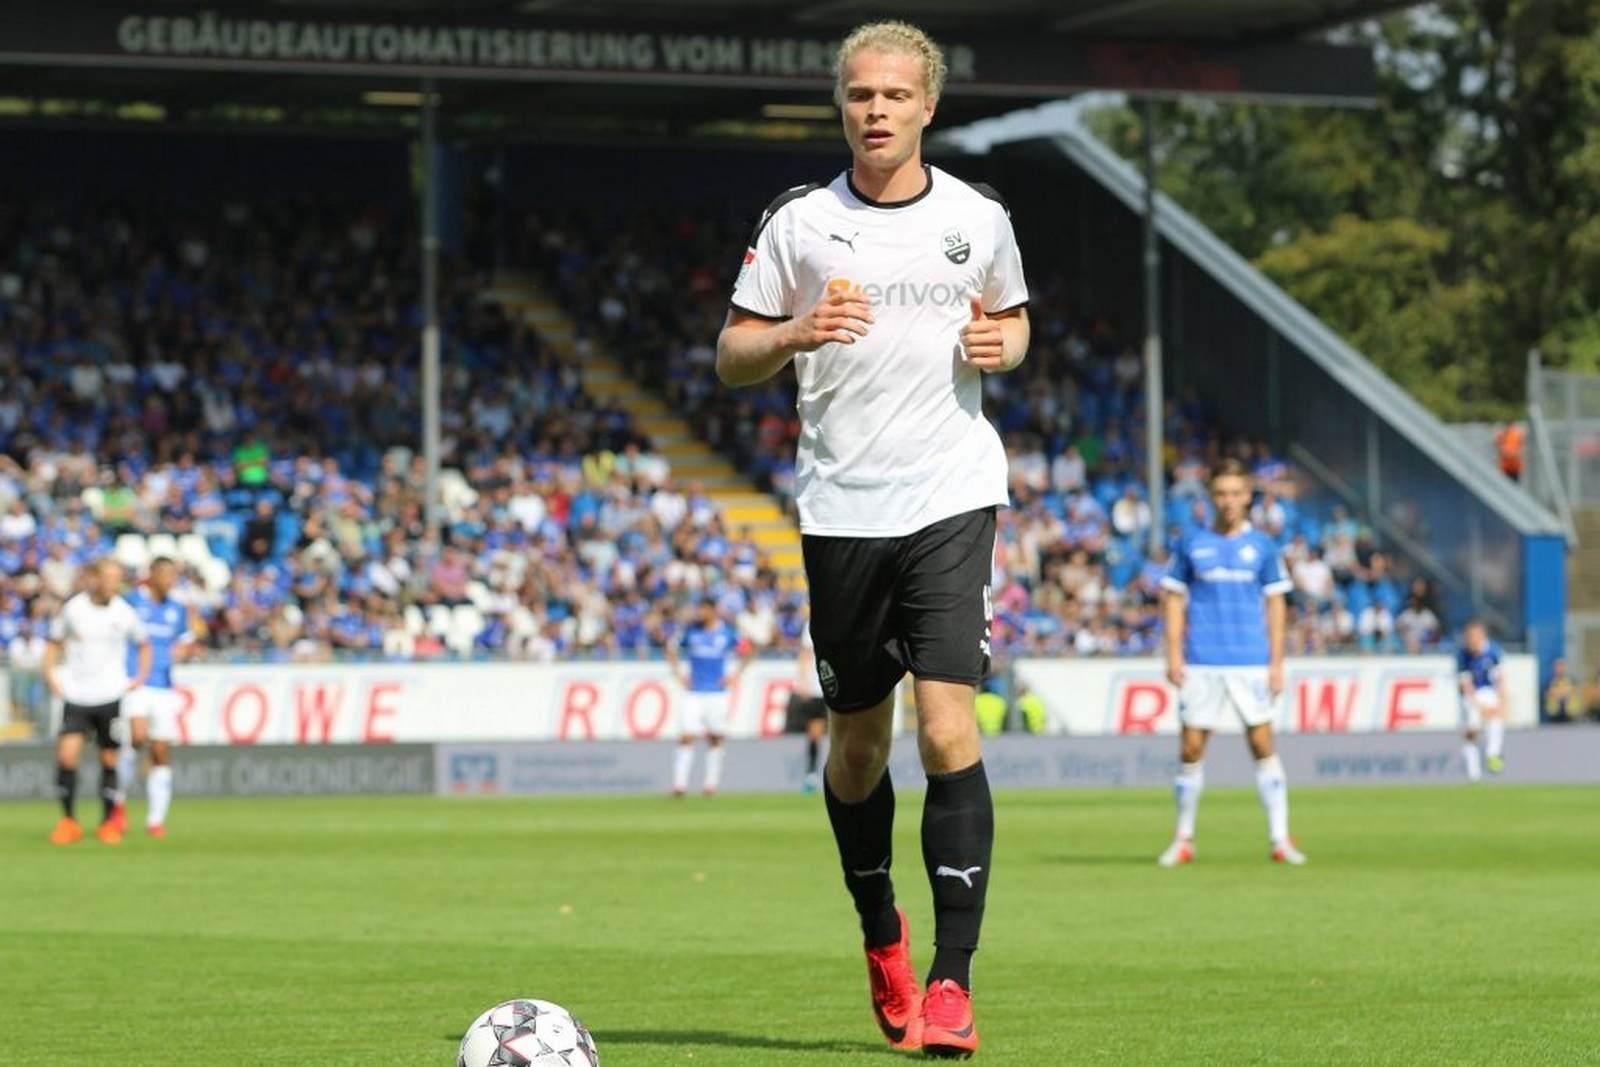 Jesper Verlaat beim SV Sandhausen